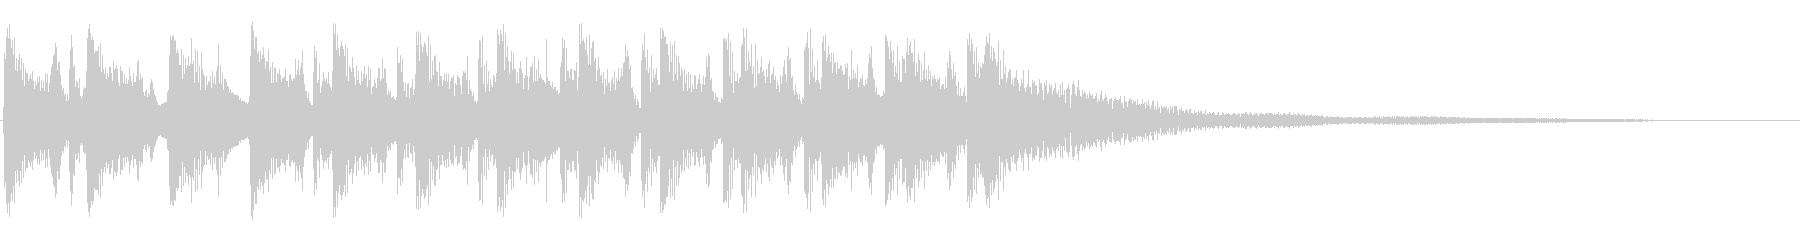 バンジョー:クイックリズムストラミ...の未再生の波形